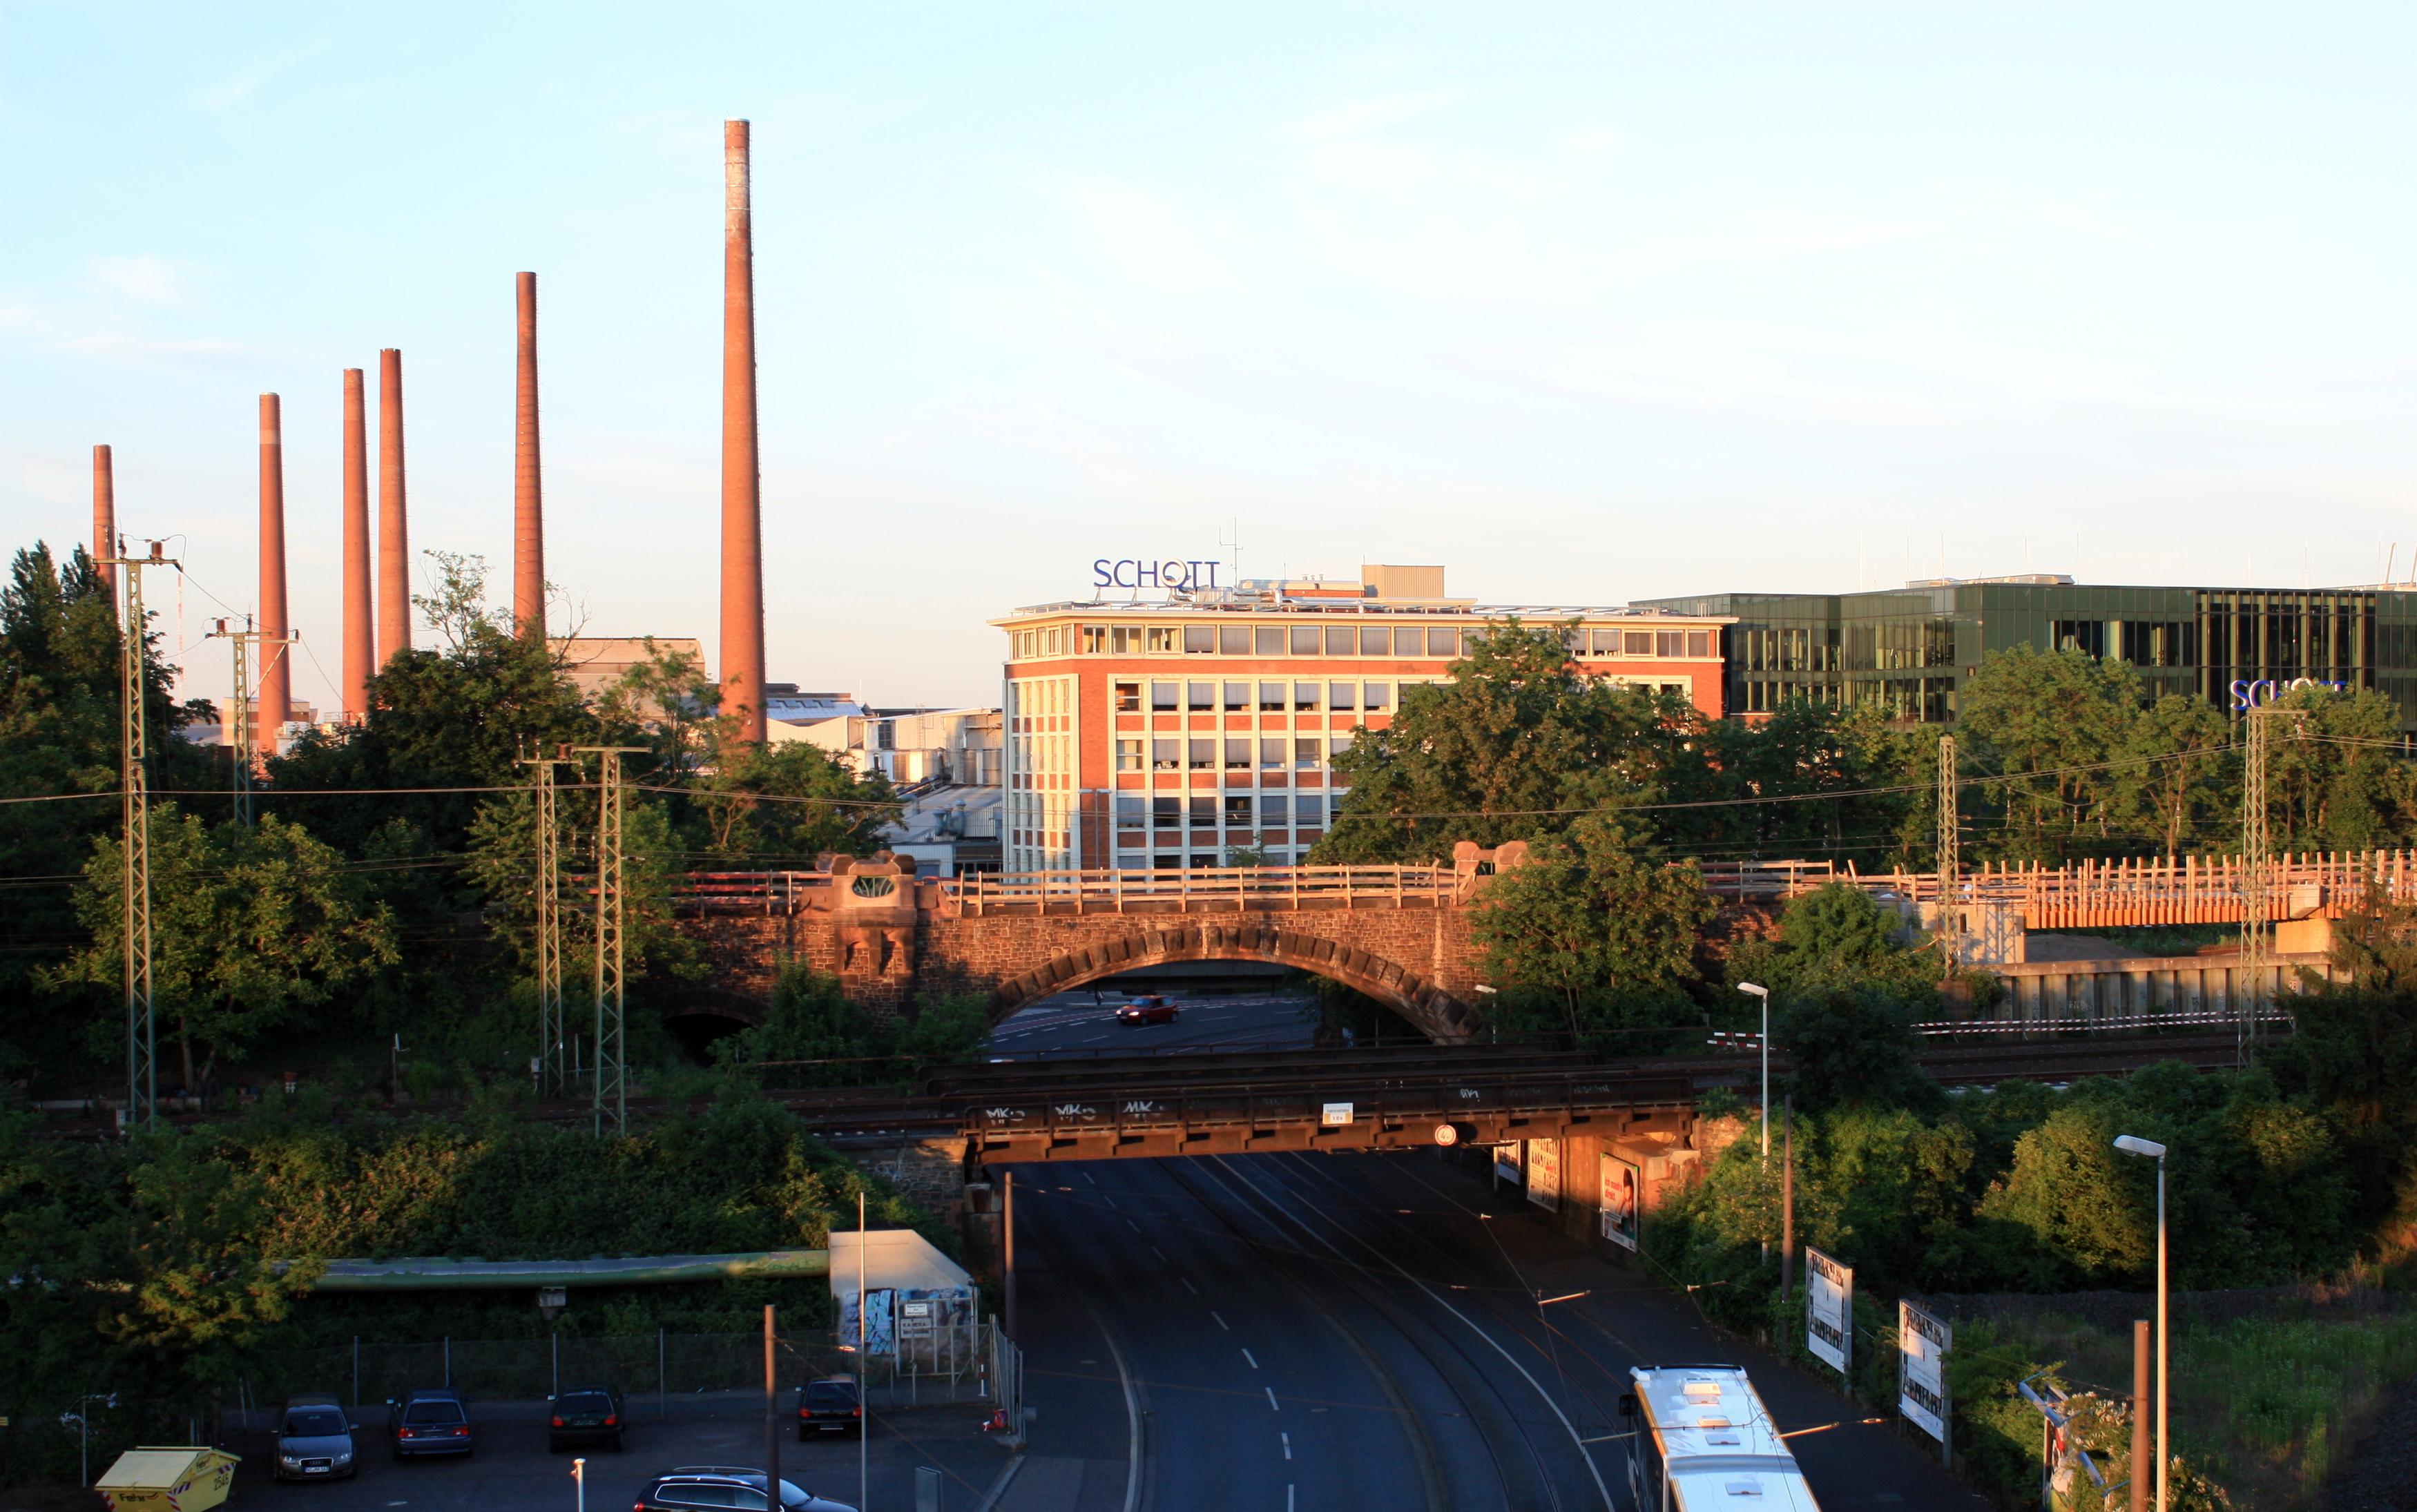 Architekt Mainz file 2014 06 06 schott glas schornsteingruppe und